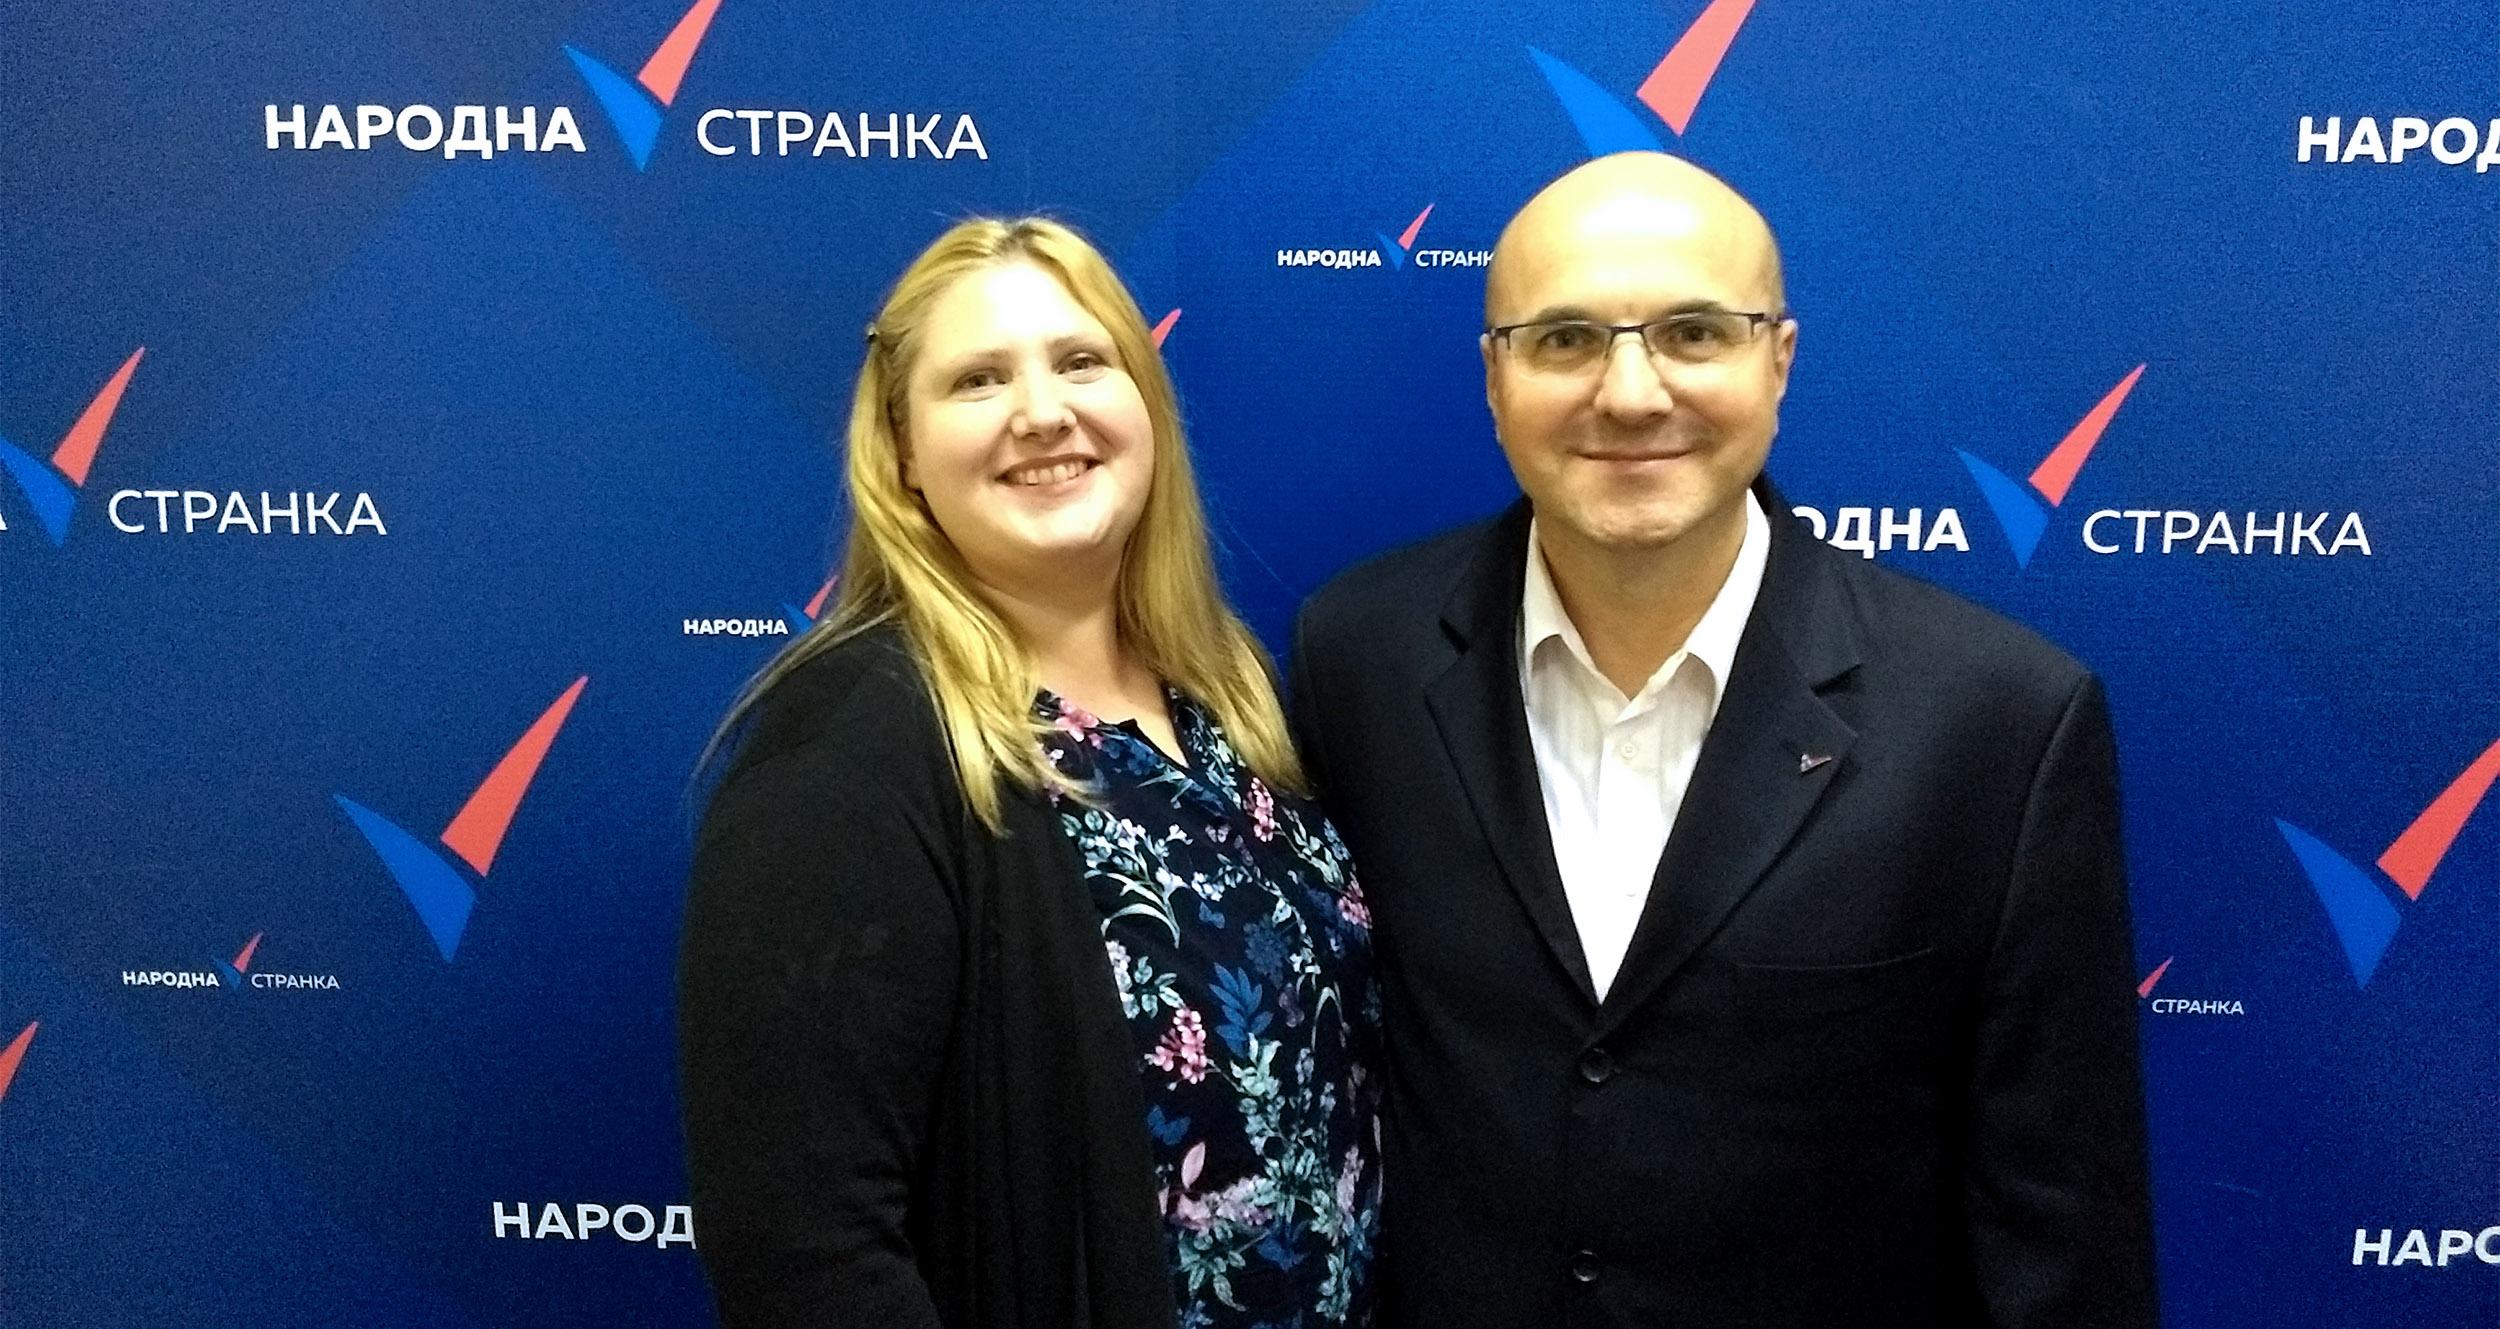 Посланица покрајинског парламента Светлана Козић приступила Народној странци